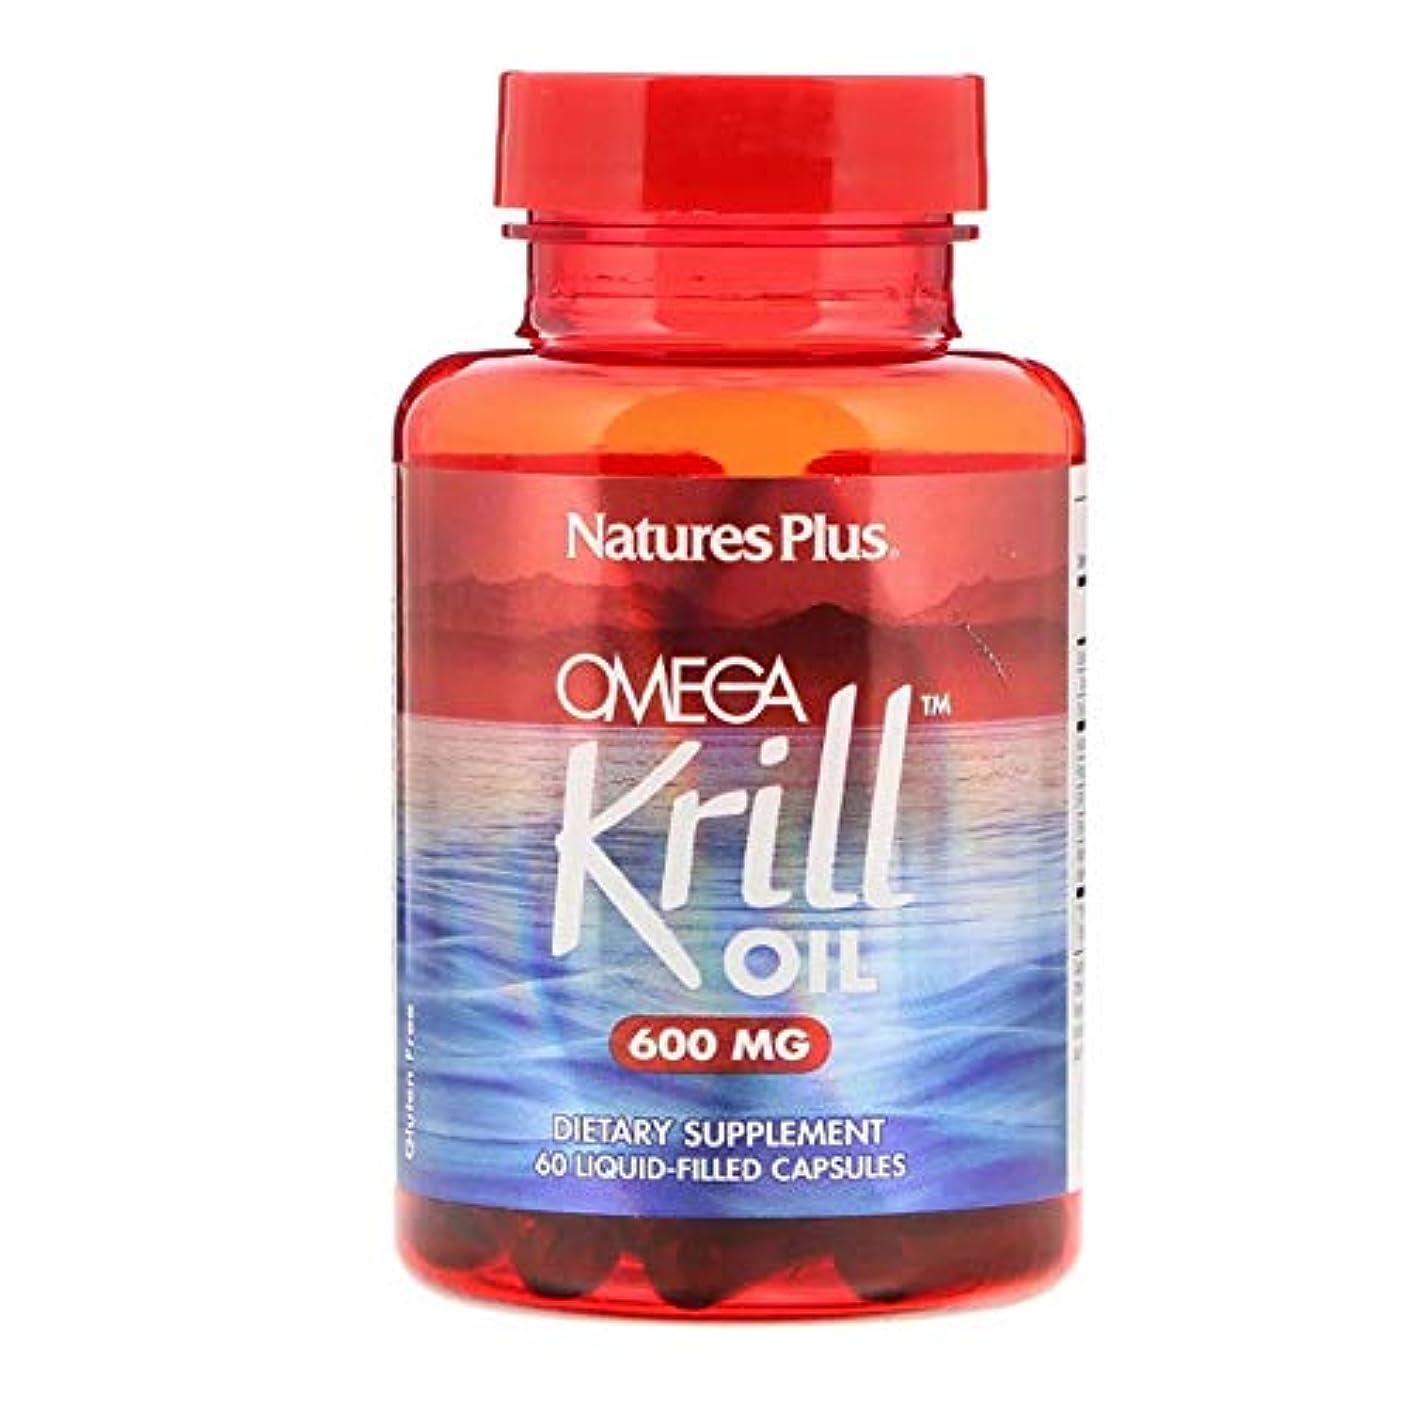 支配的返還旋律的Nature's Plus オメガ クリルオイル 600 mg 60 液体カプセル 【アメリカ直送】